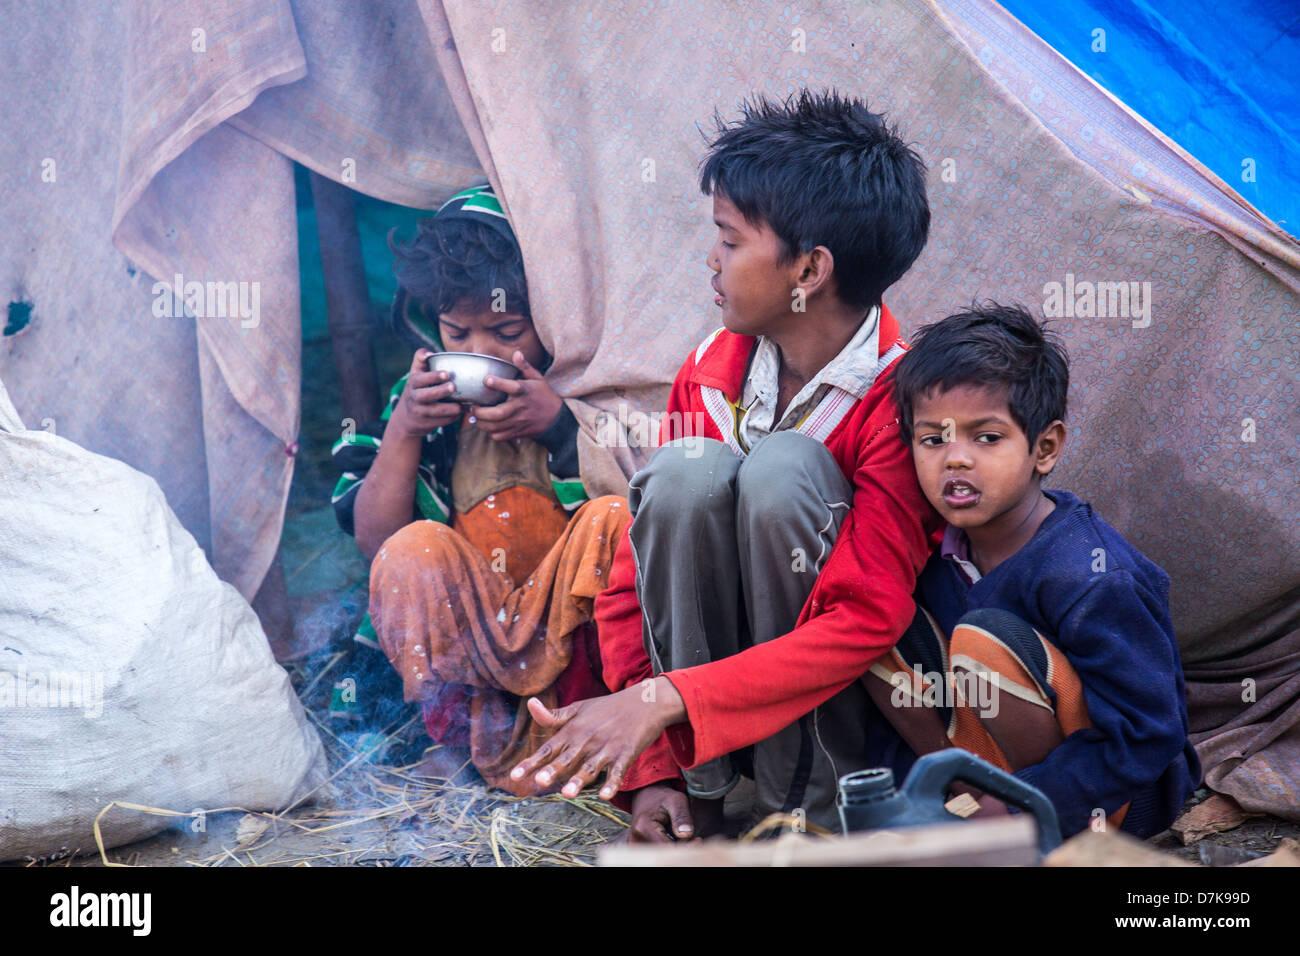 Los niños que viven en una aldea de tiendas, Allahabad, India Imagen De Stock